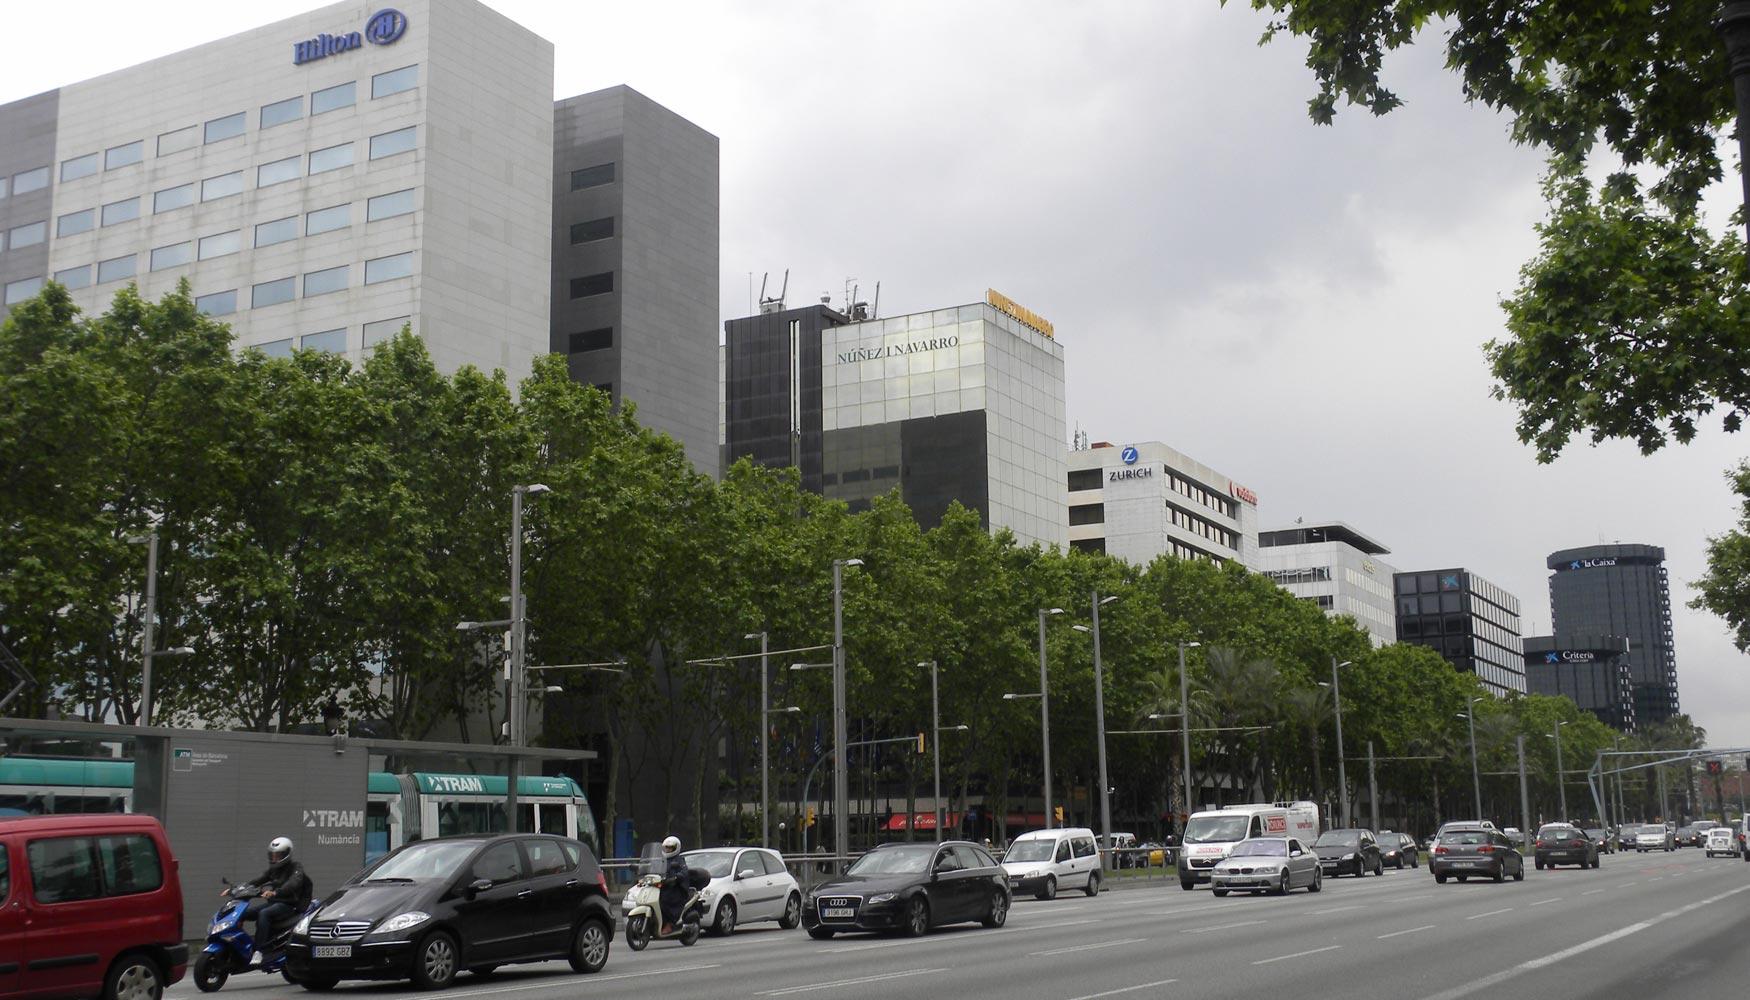 Centros de negocio alquiler oficinas madrid barcelona y for Oficinas de vueling en barcelona